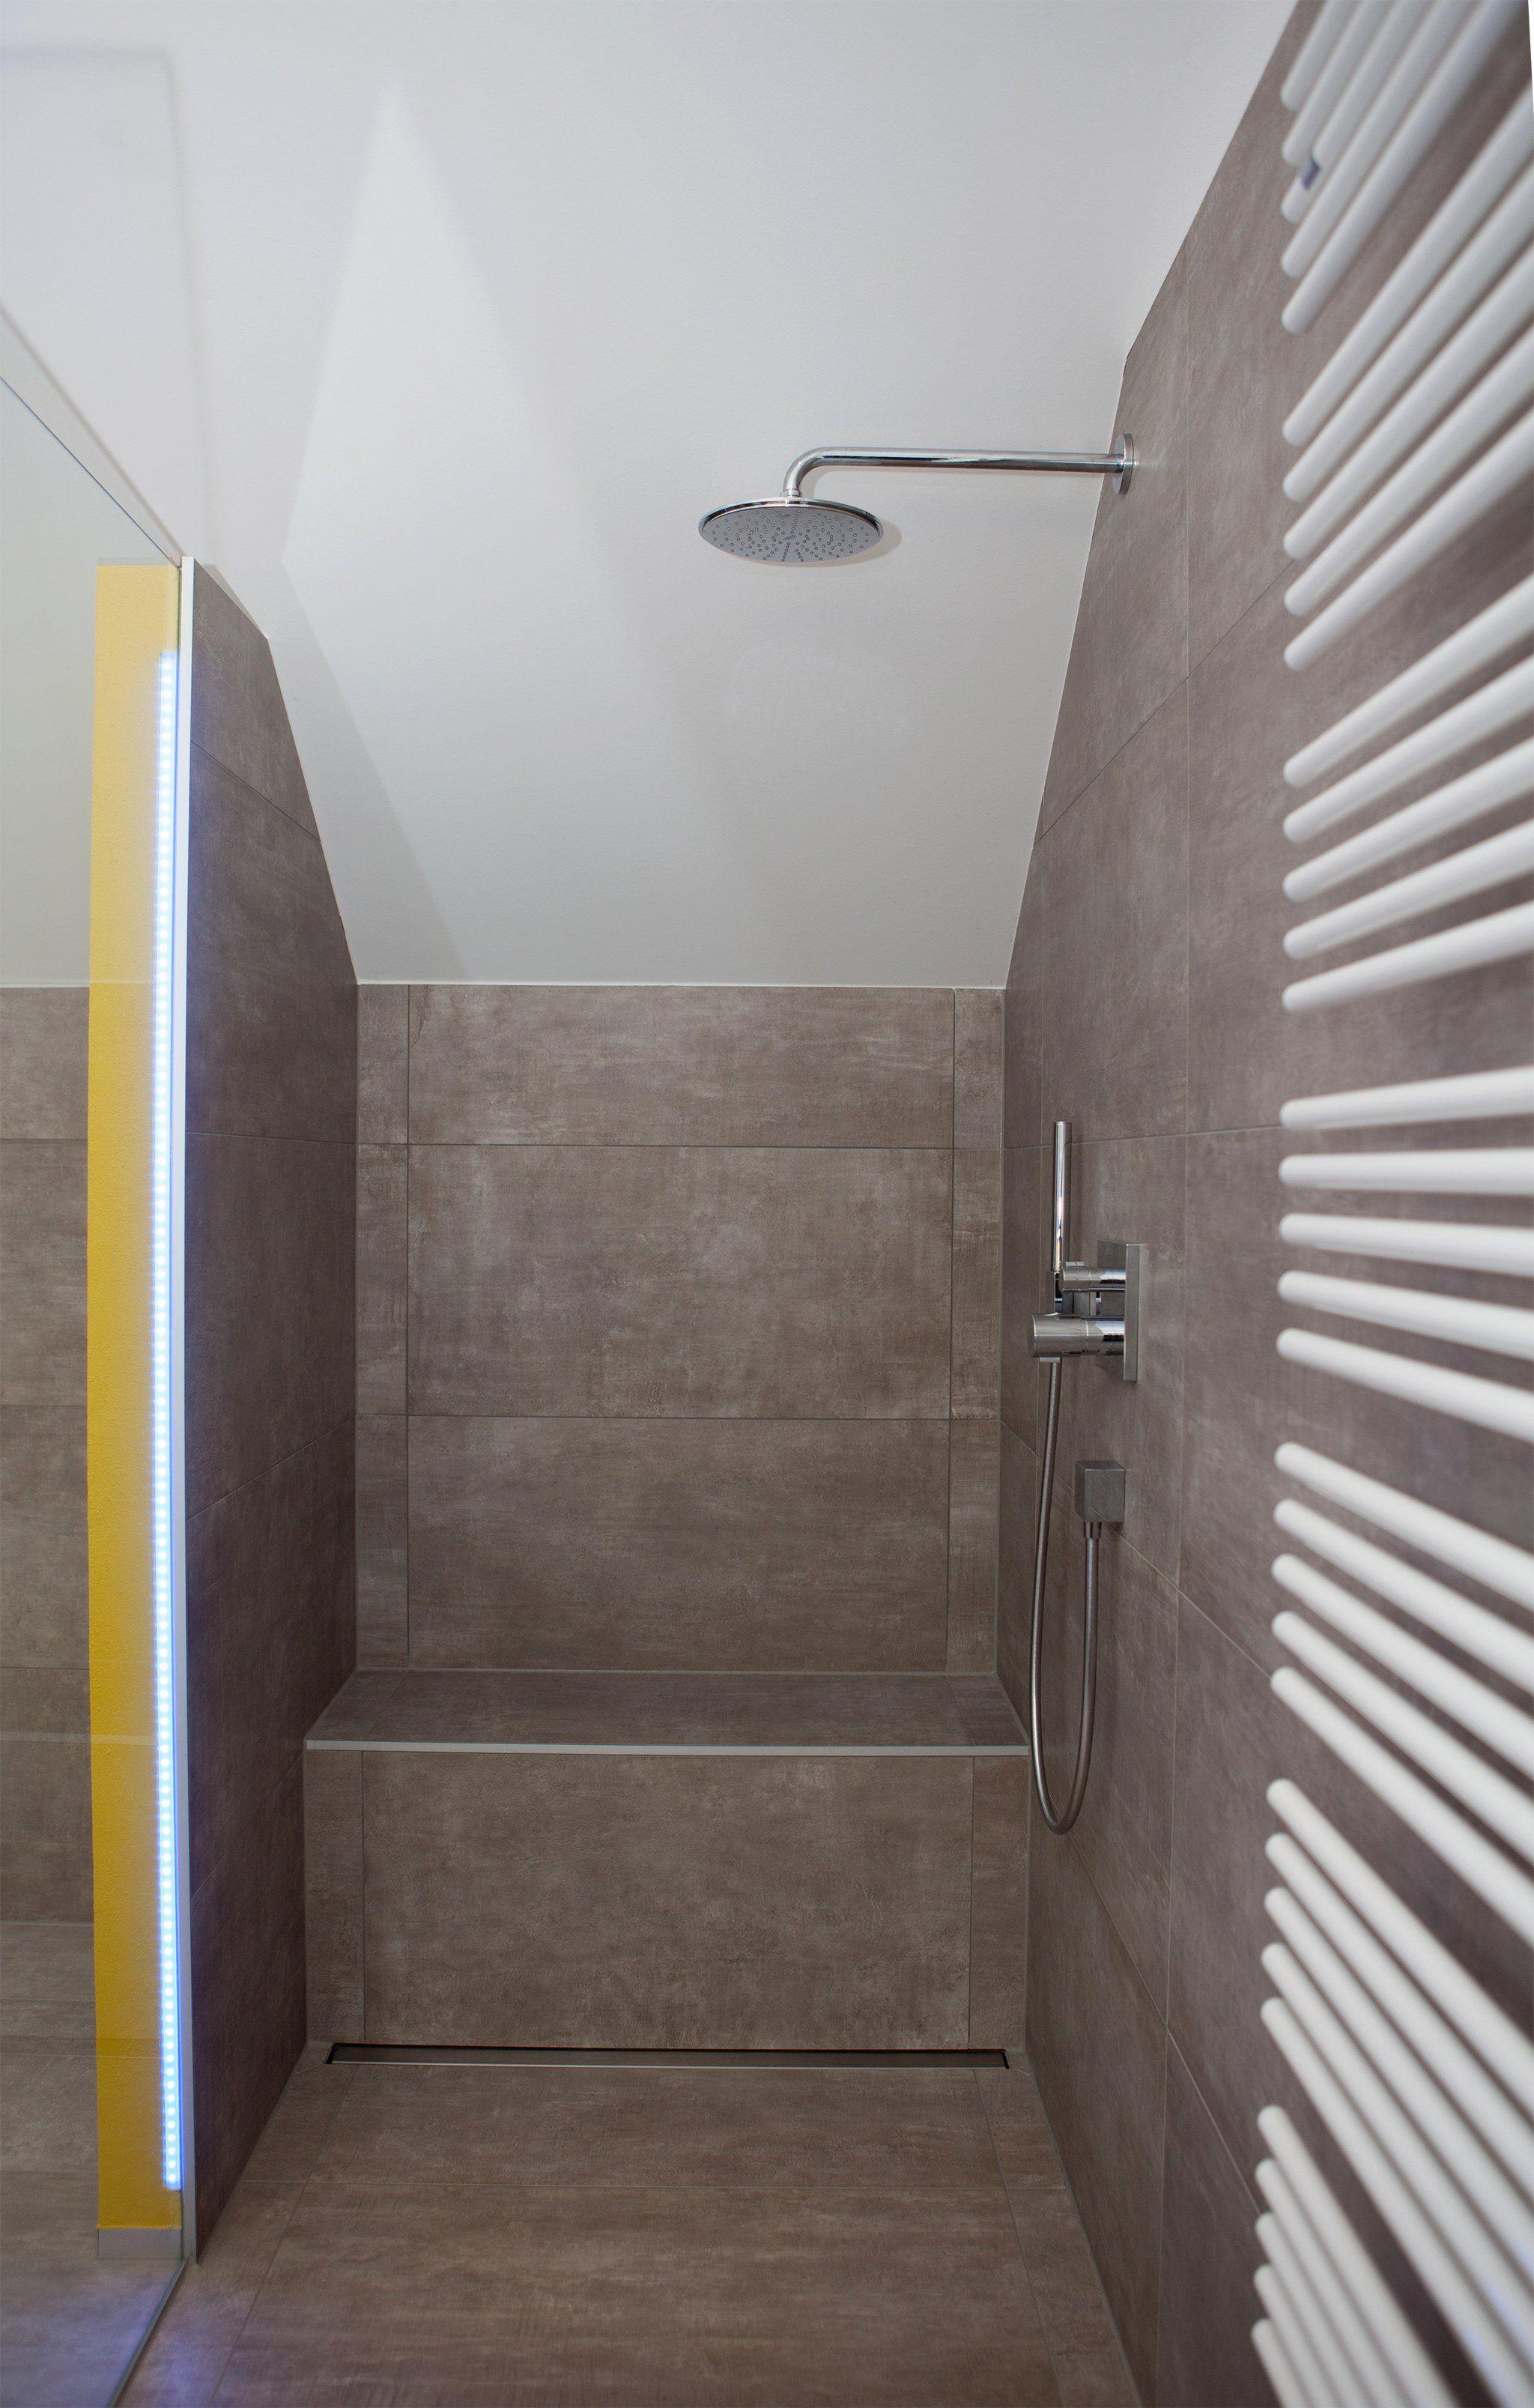 eine integrierte sitzbank verleiht jeder dusche noch mehr komfort ... - Sitzbank Für Badezimmer